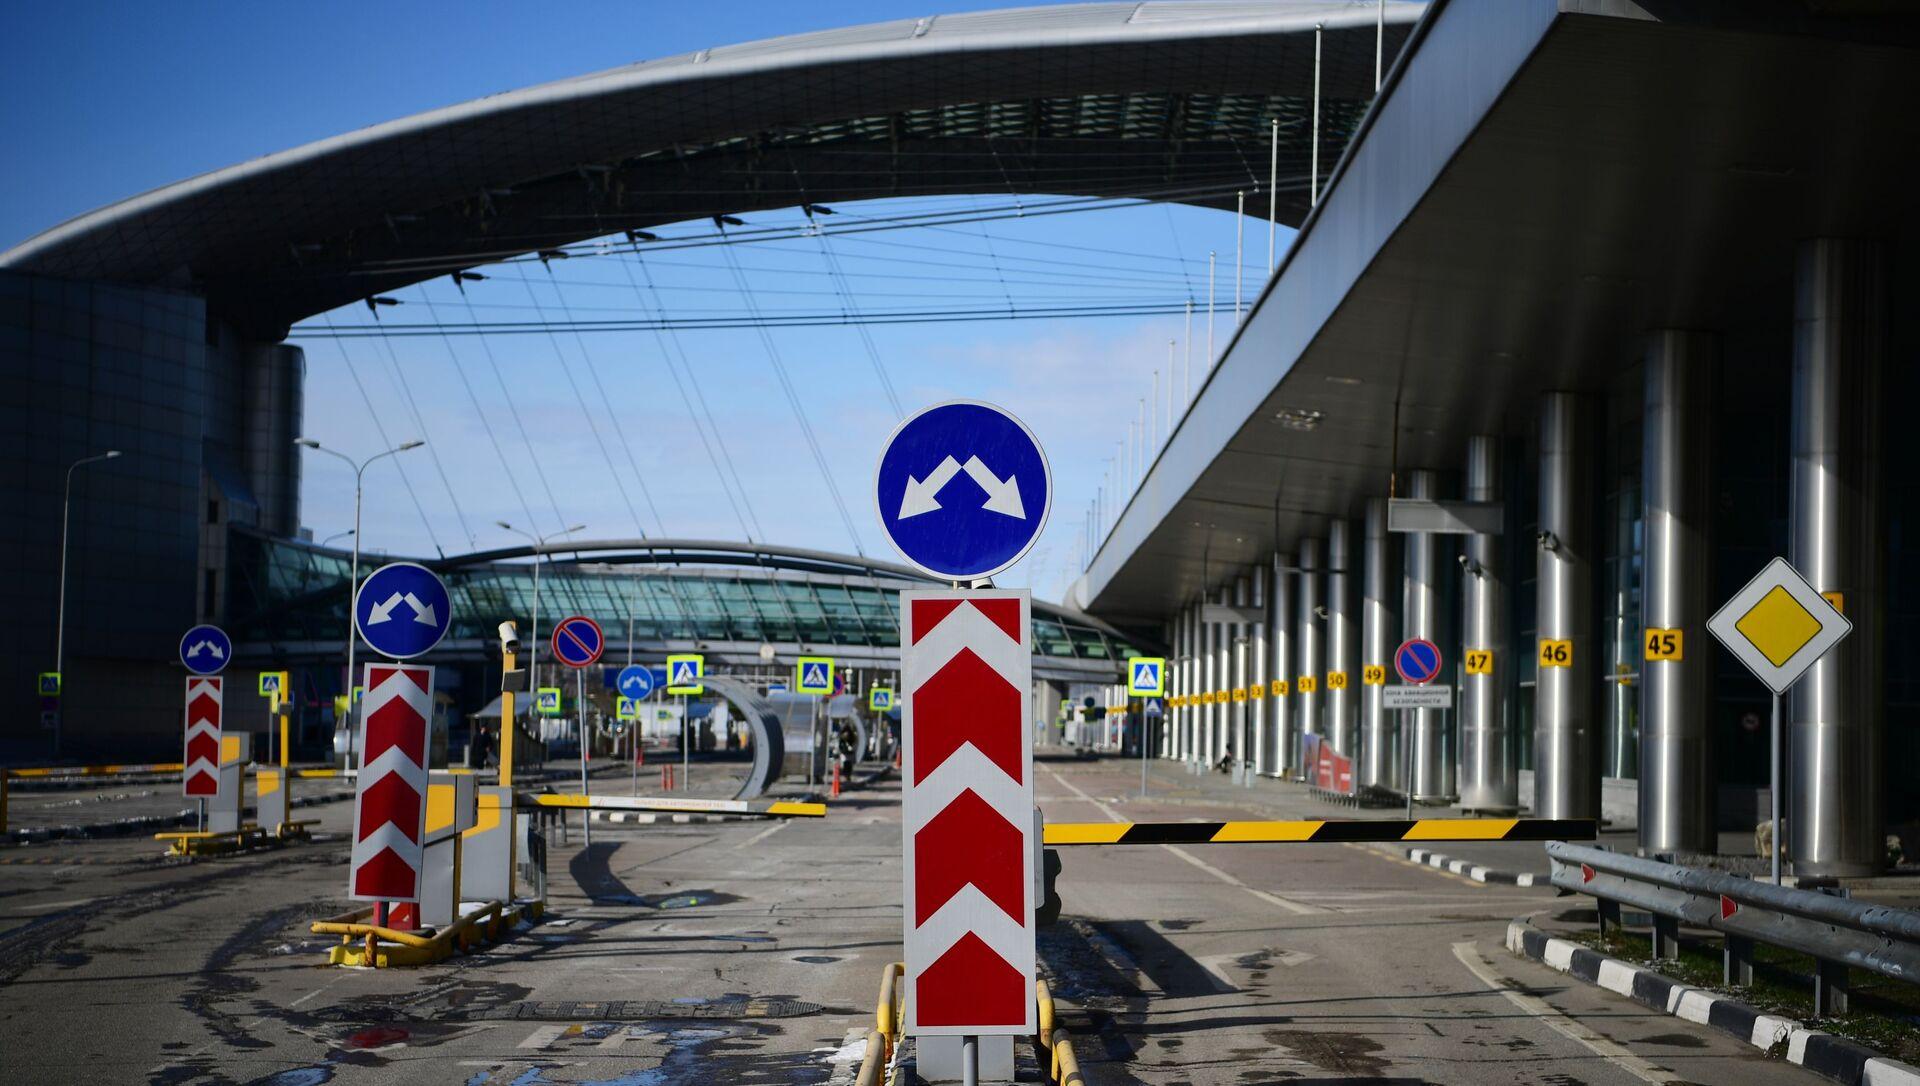 С 1 апреля временно закрывается терминал D в Шереметьево - Sputnik Армения, 1920, 17.06.2021